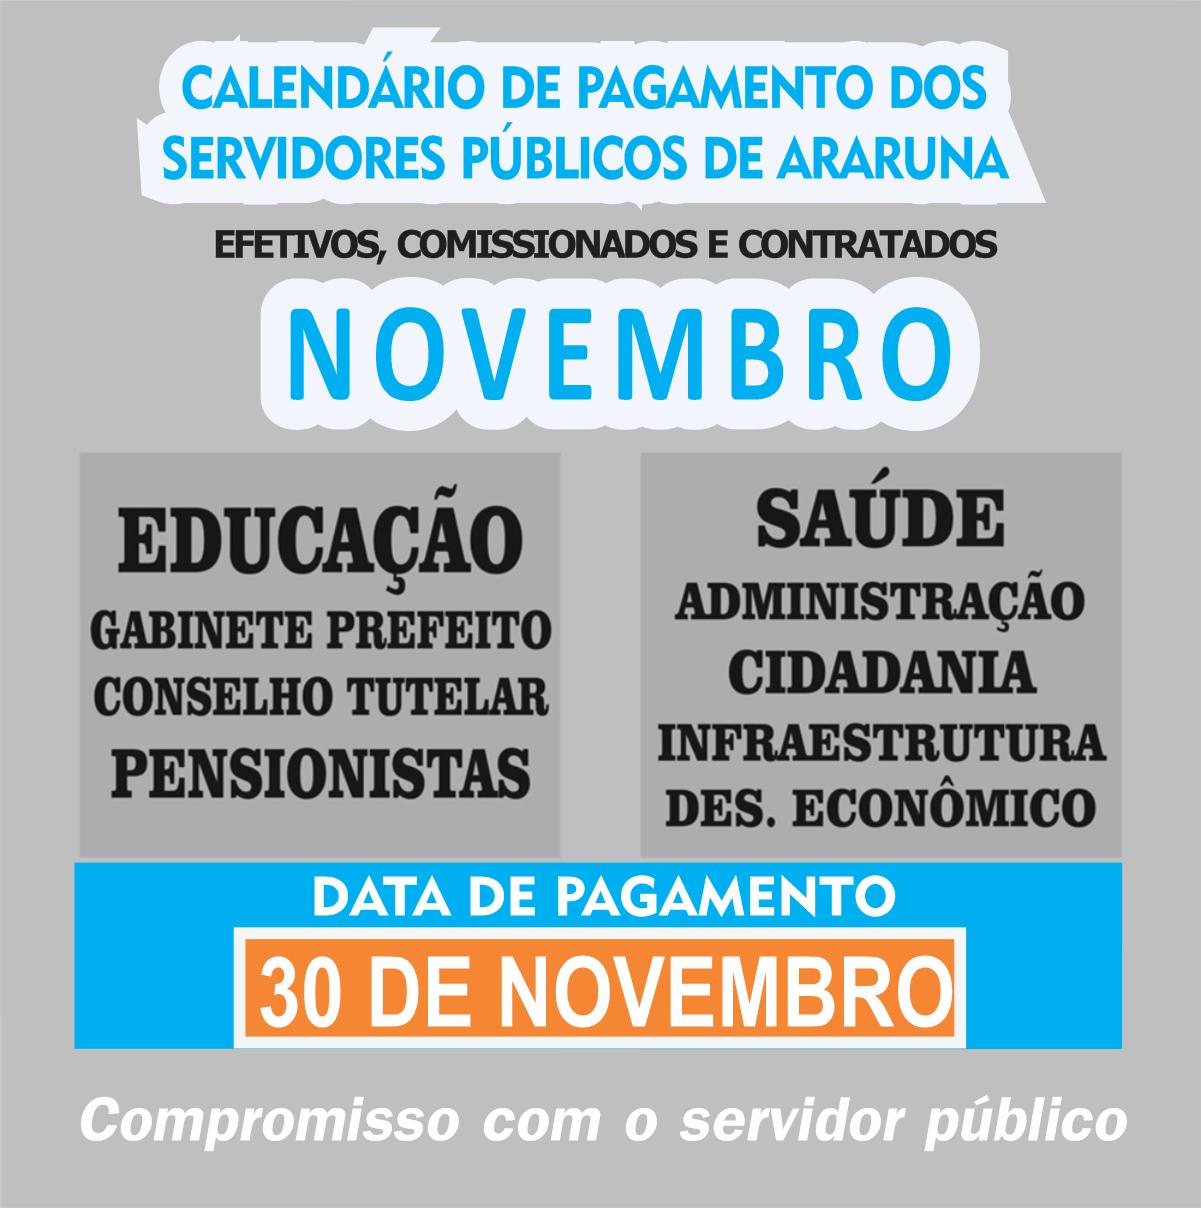 DENTRO DO MÊS: Servidores da Prefeitura de Araruna recebem pagamento do mês de novembro nesta segunda